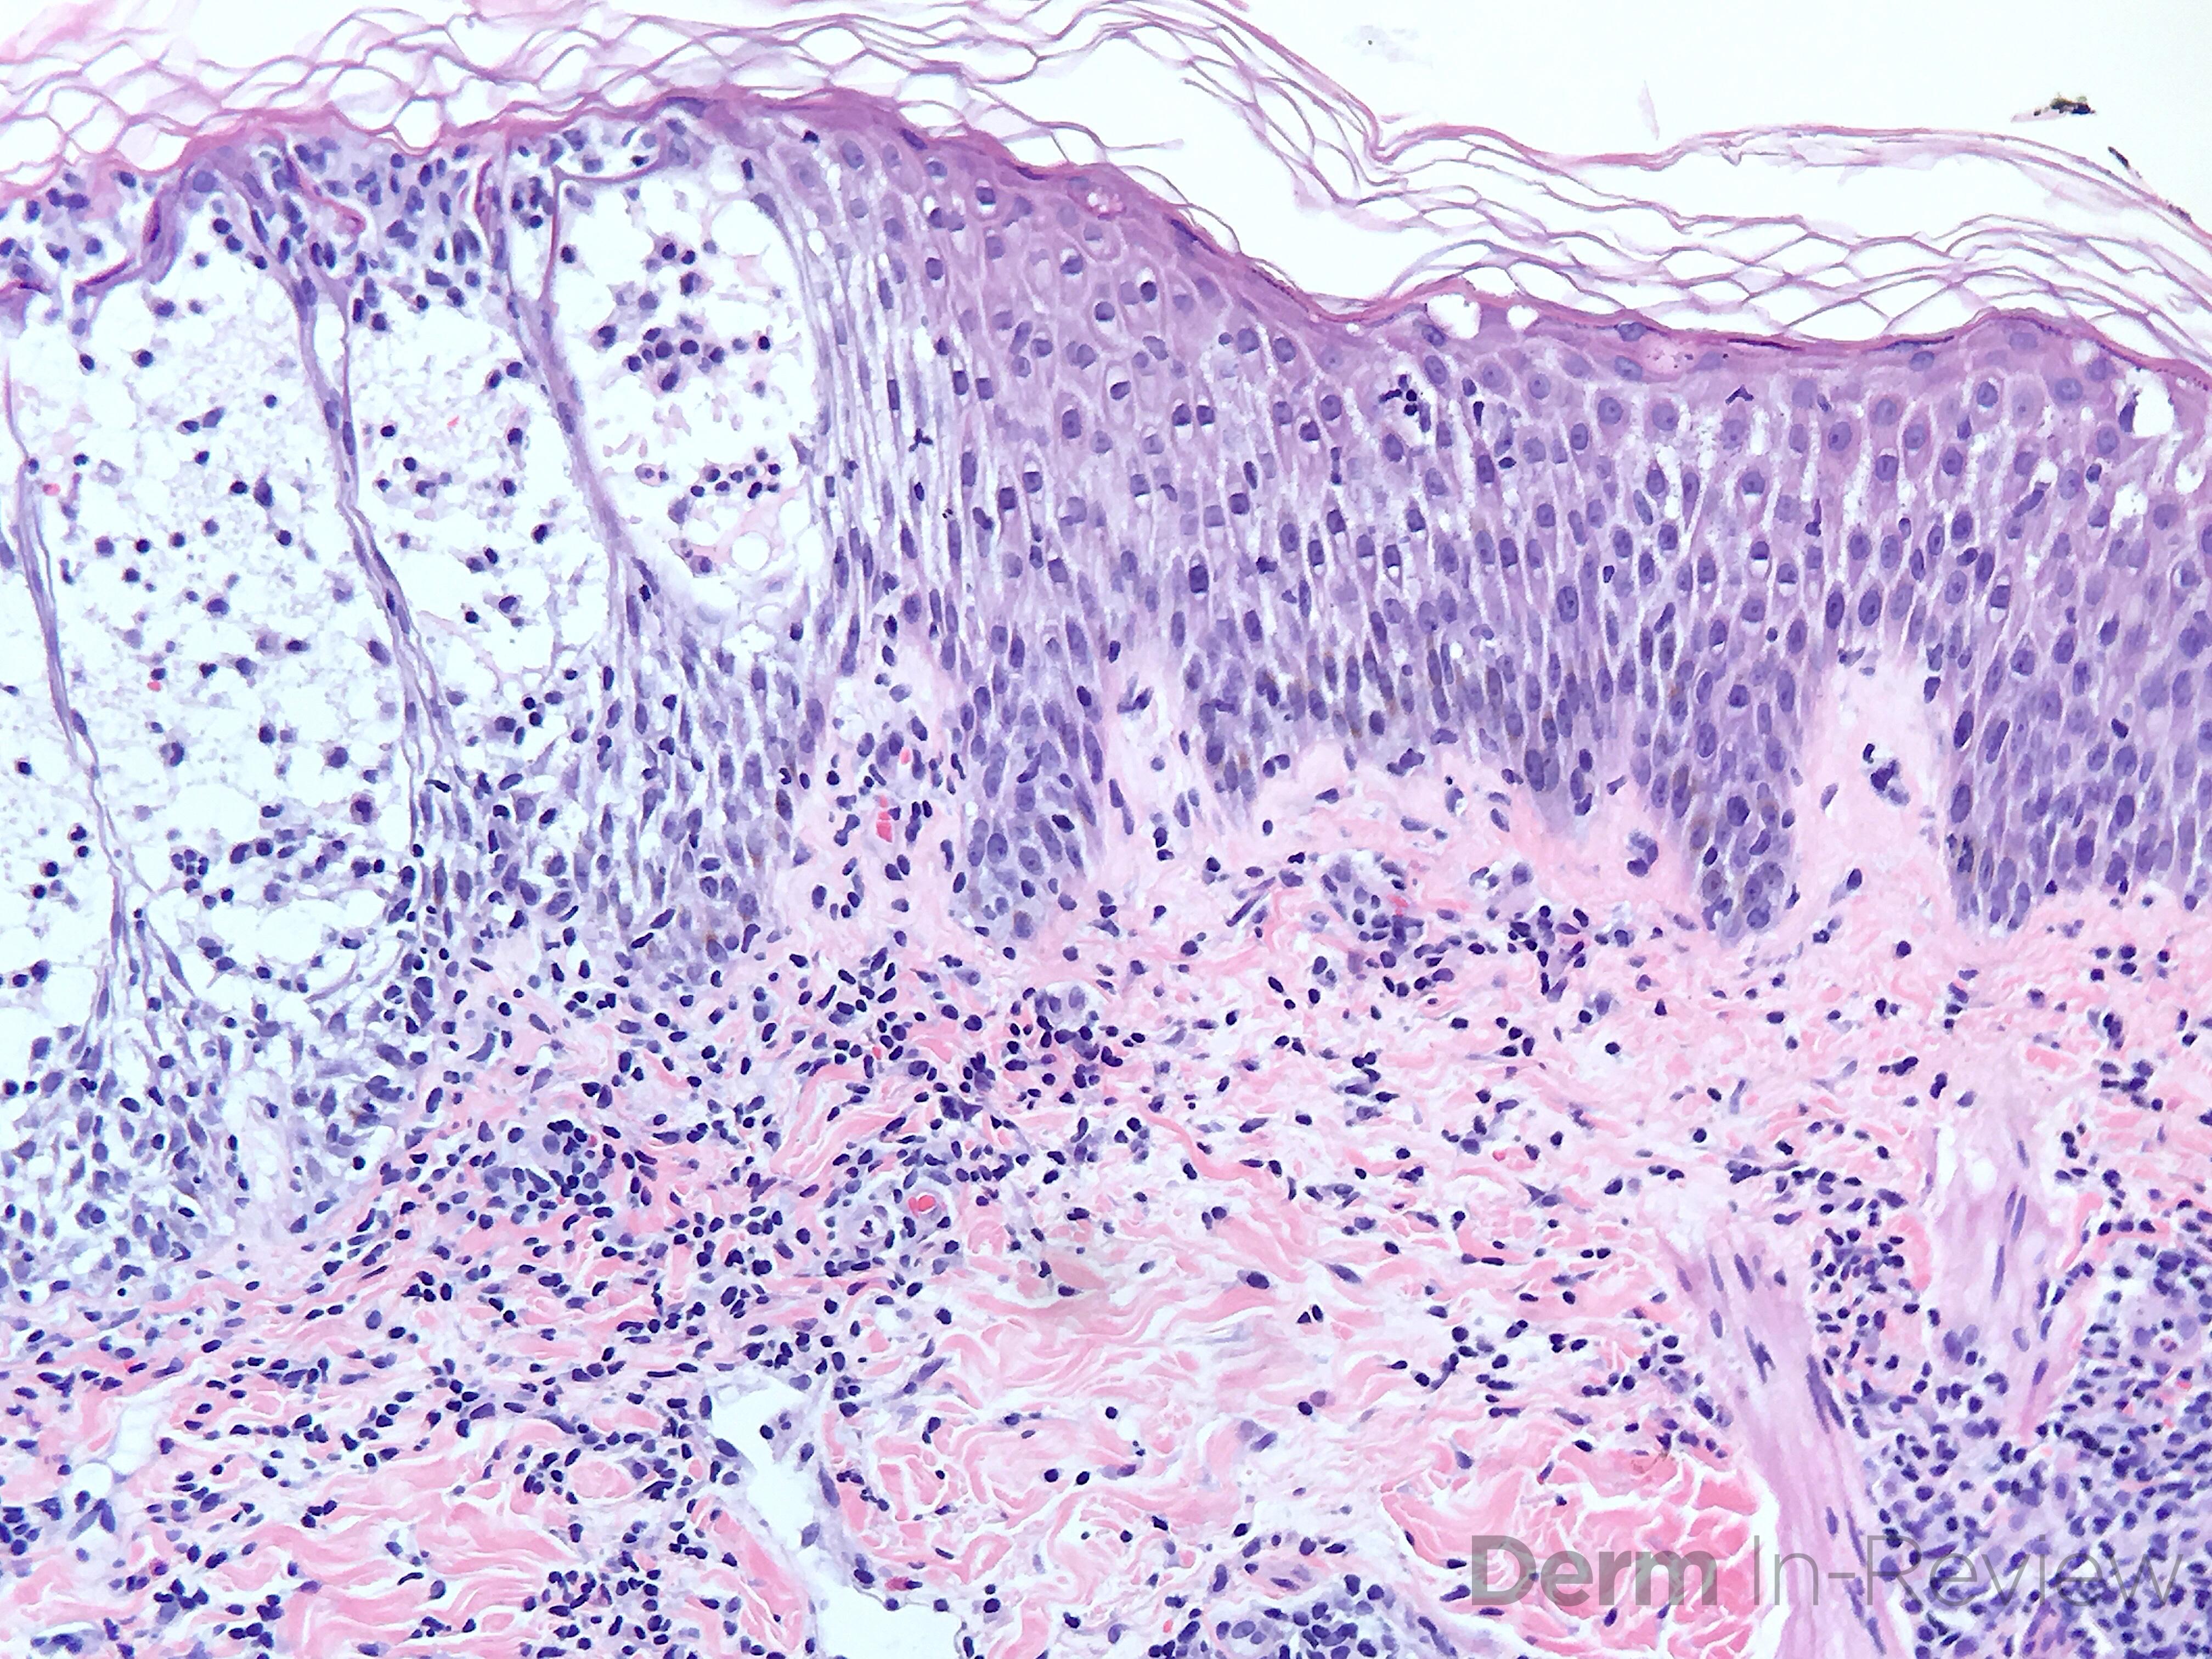 3.1-Acute-spongiotic-dermatitis